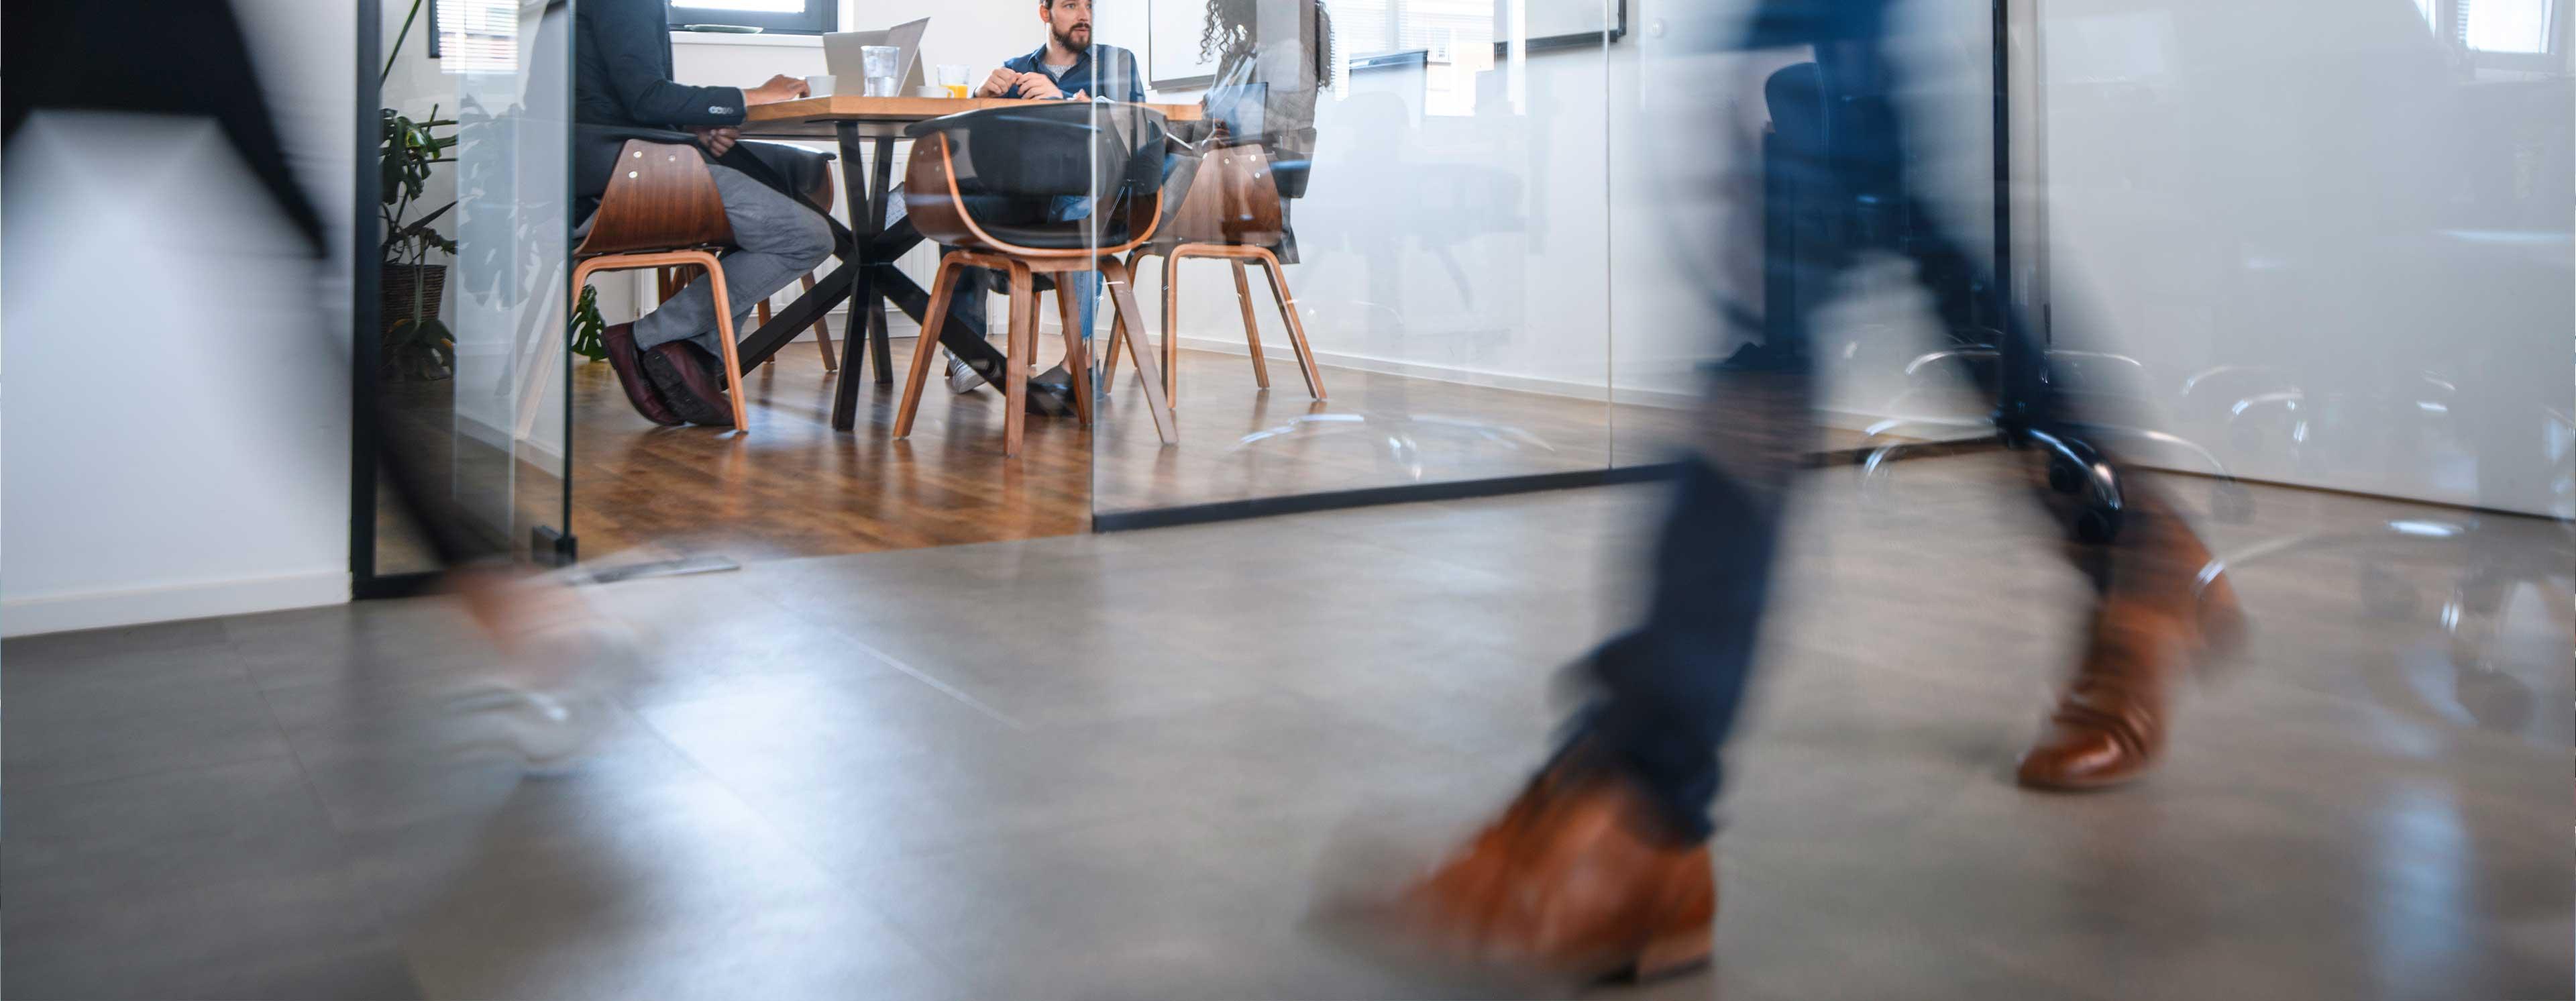 Digitale Steuerberatung & Buchhaltung Blieskastel - ADDISON OneClick - Hauck & Partner